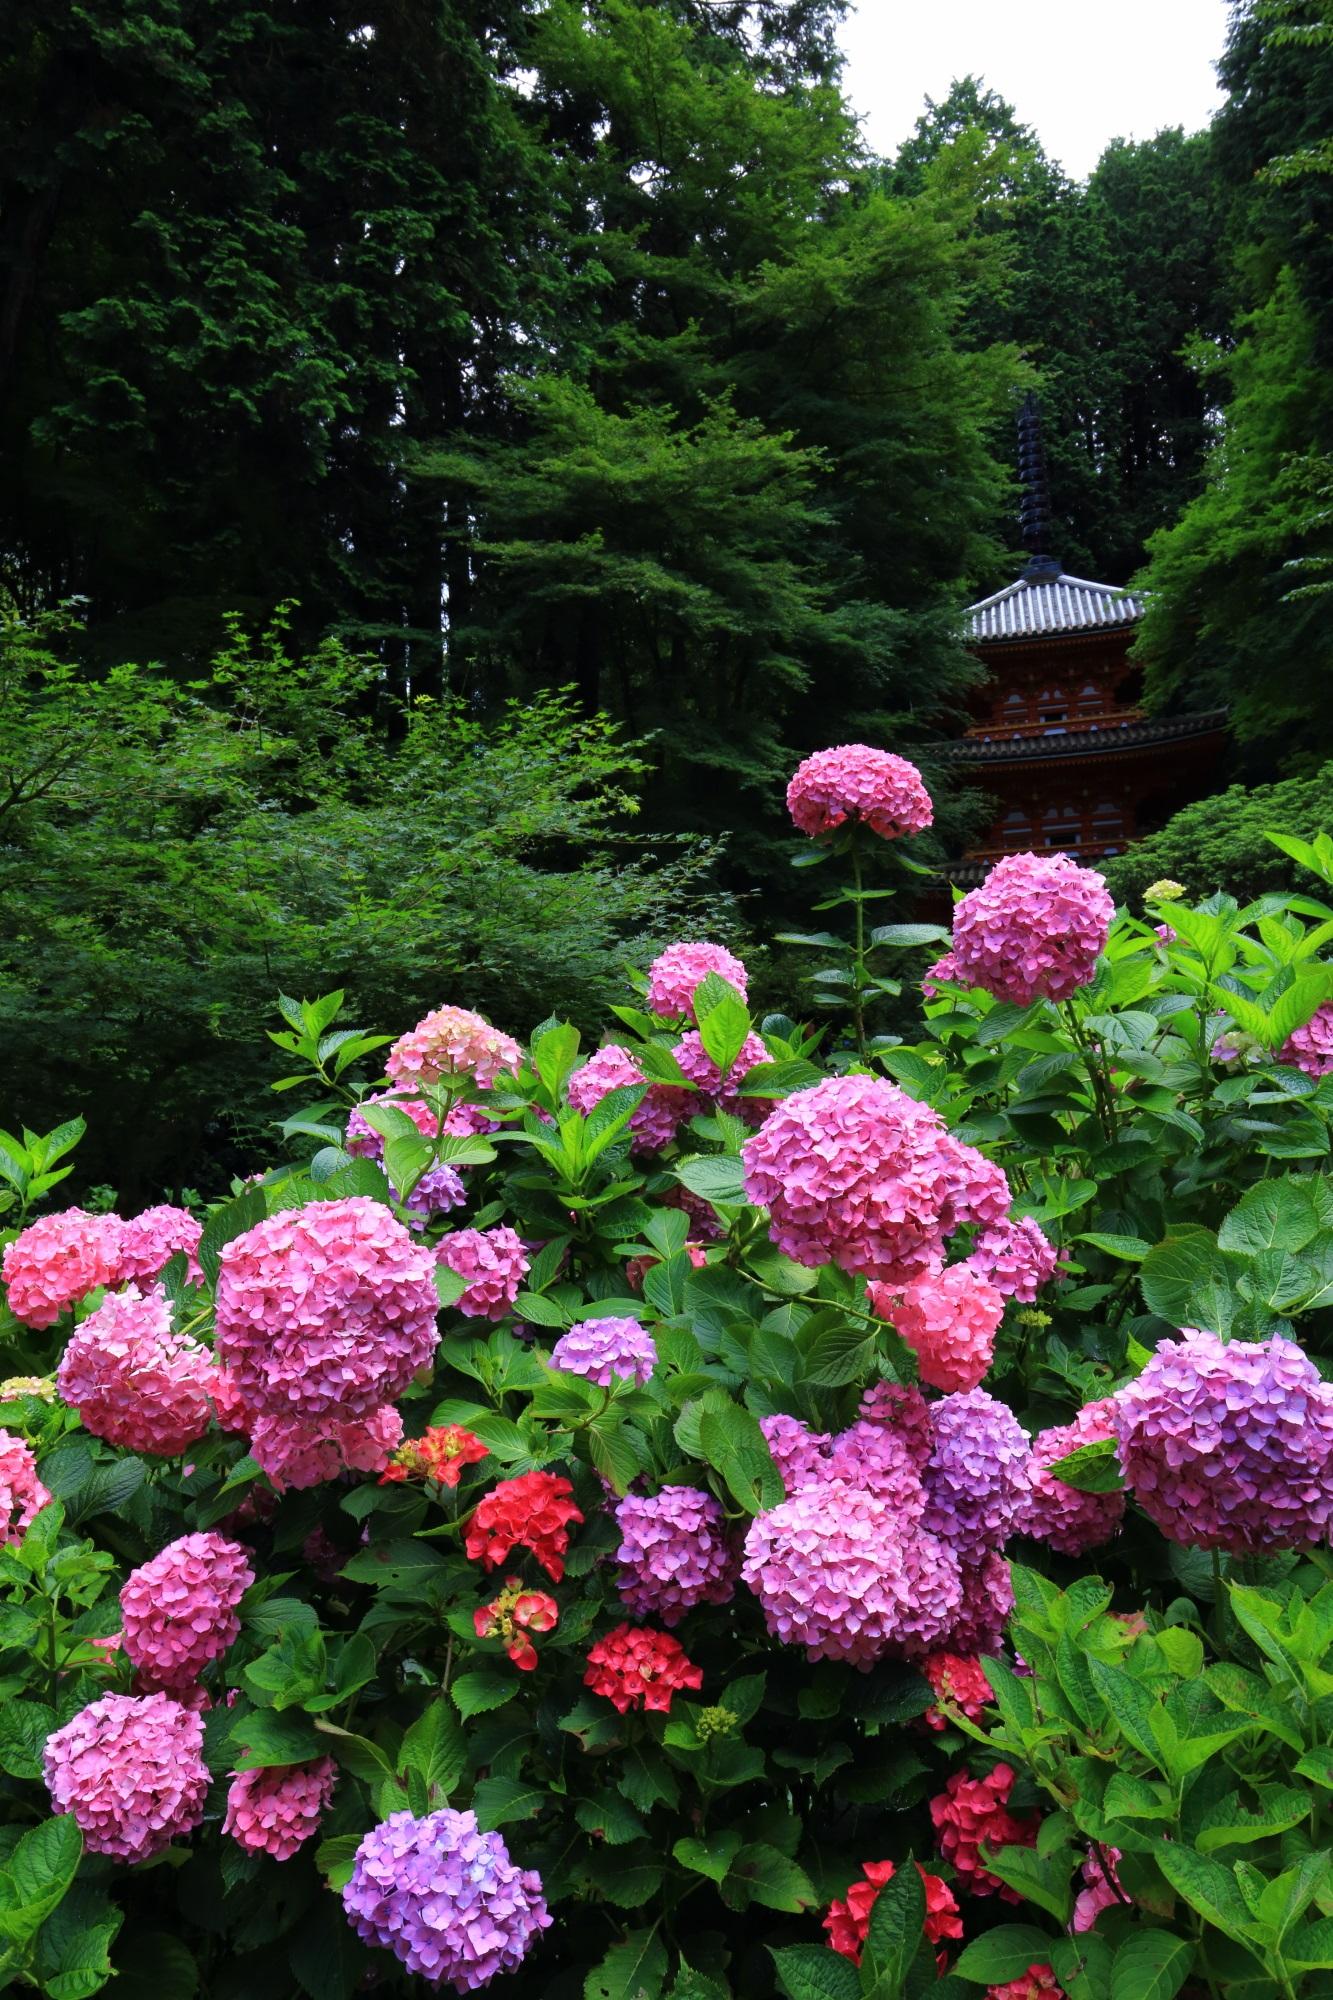 岩船寺の絵になる紫陽花と三重塔